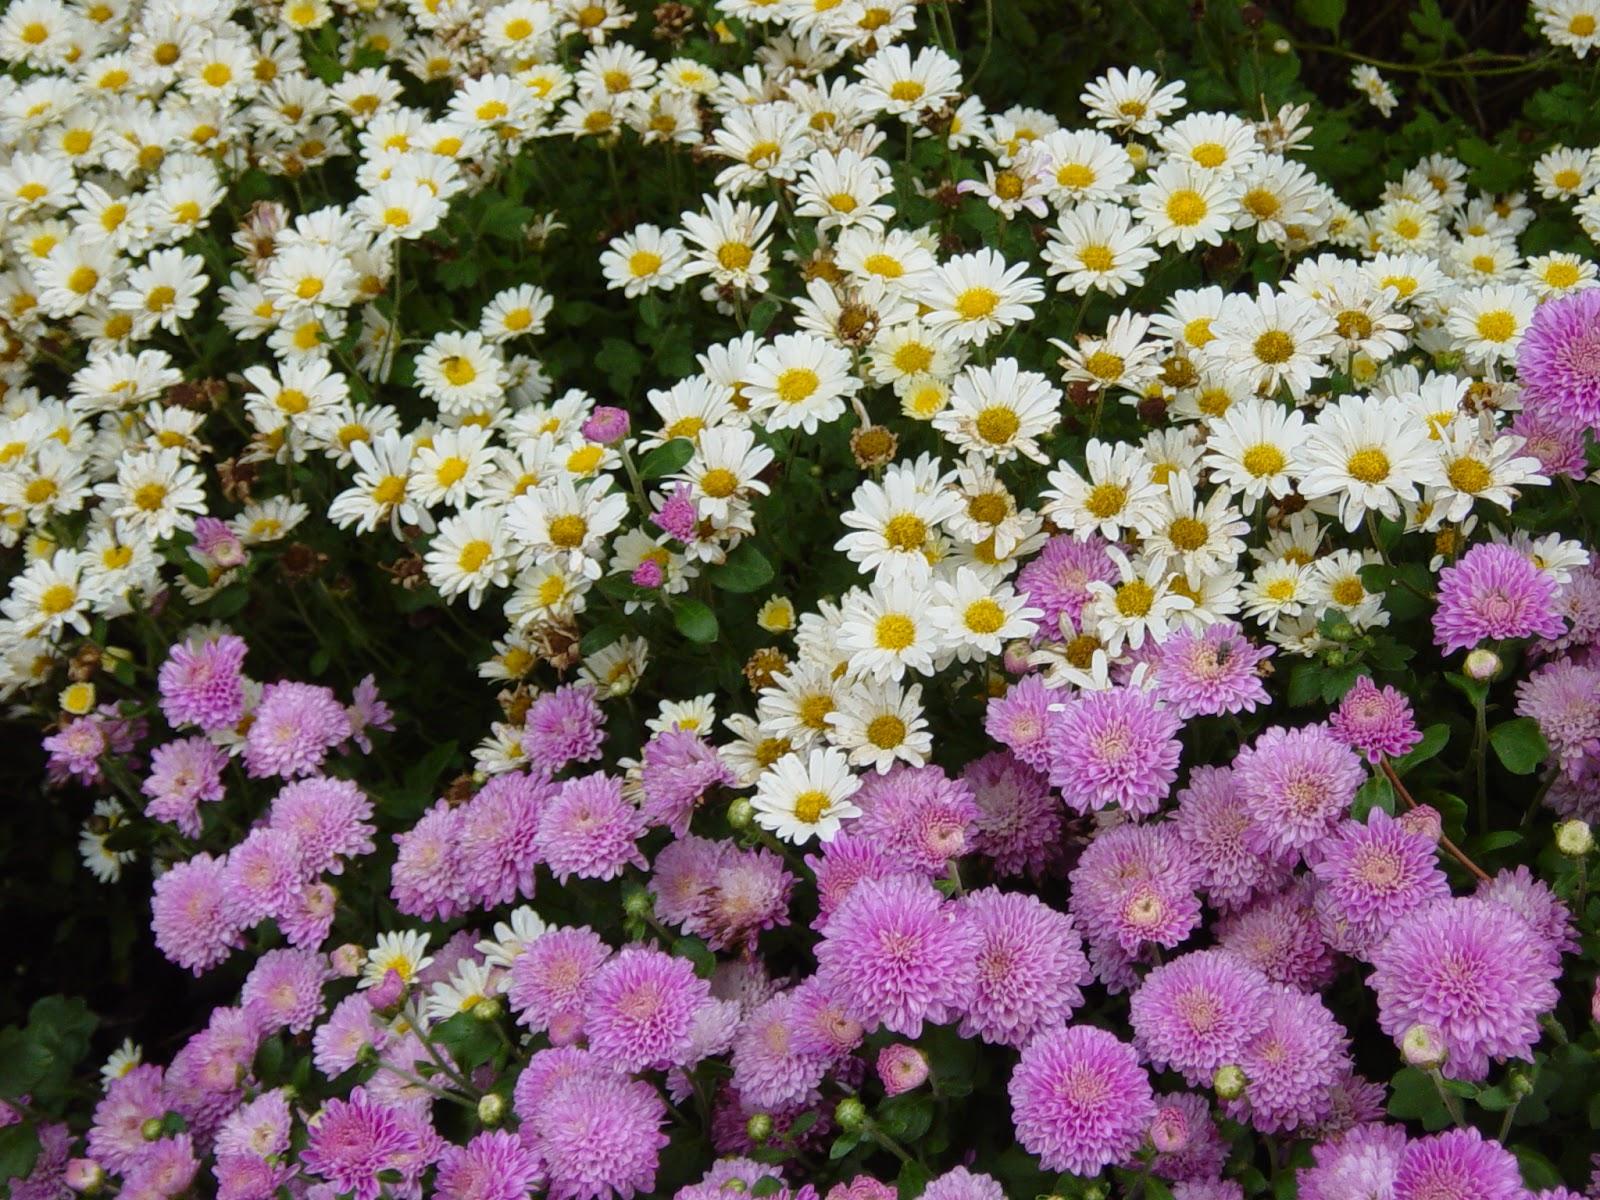 Shejunks fall flowers fall flowers izmirmasajfo